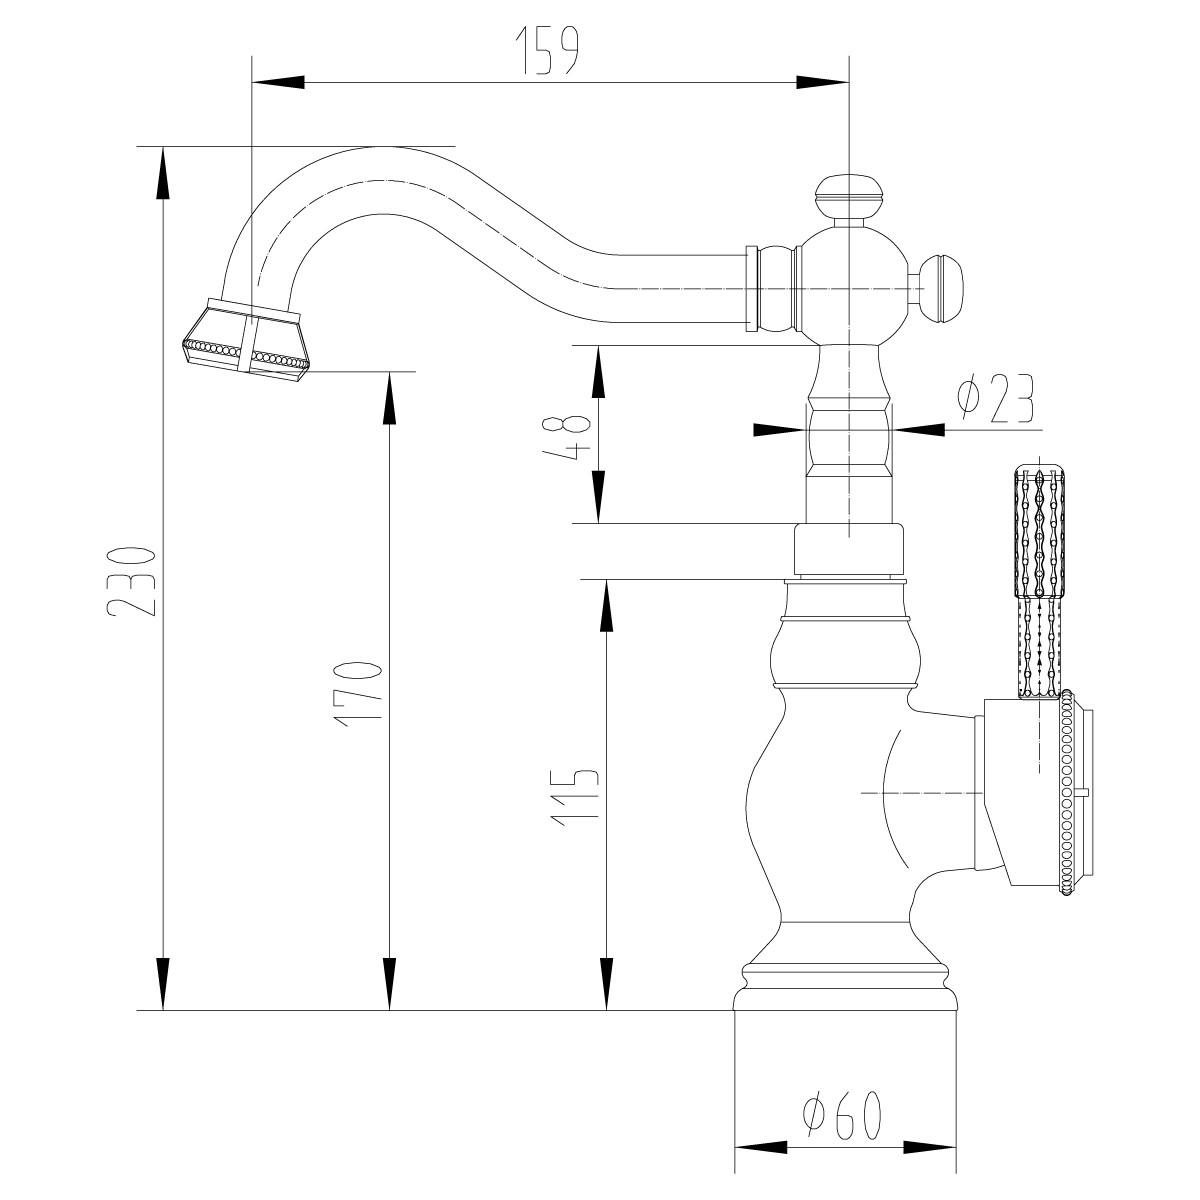 Смеситель для умывальника/кухни Lemark Jasmine LM6644ORB с поворотным изливом, черная бронза